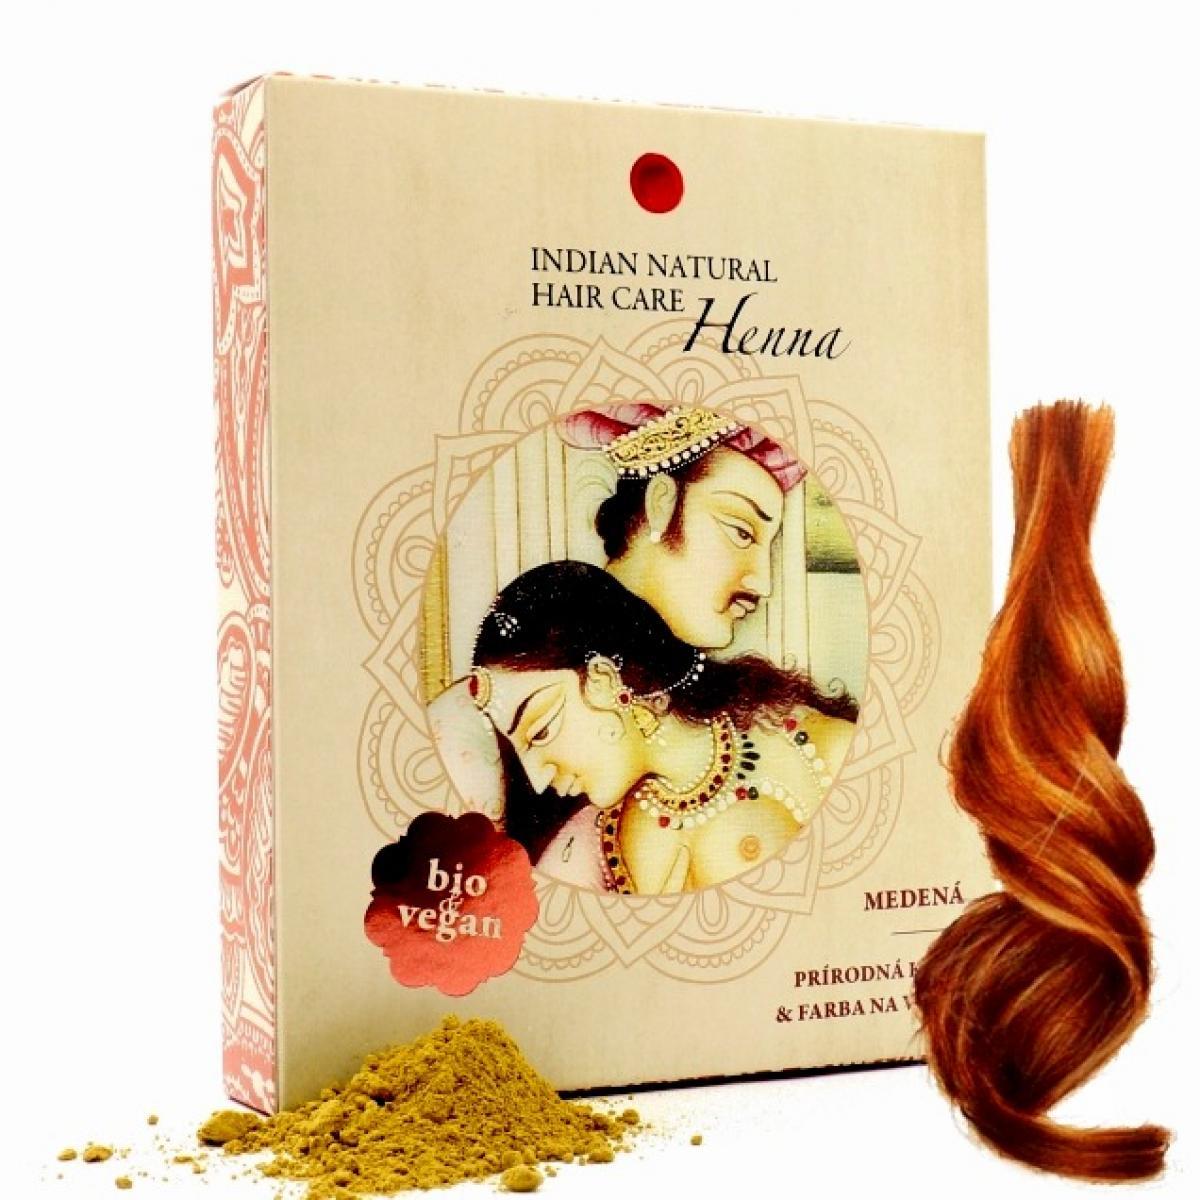 Henna - Prírodná farba a kúra na vlasy - Medená - Indian Natural Hair Care 200 g